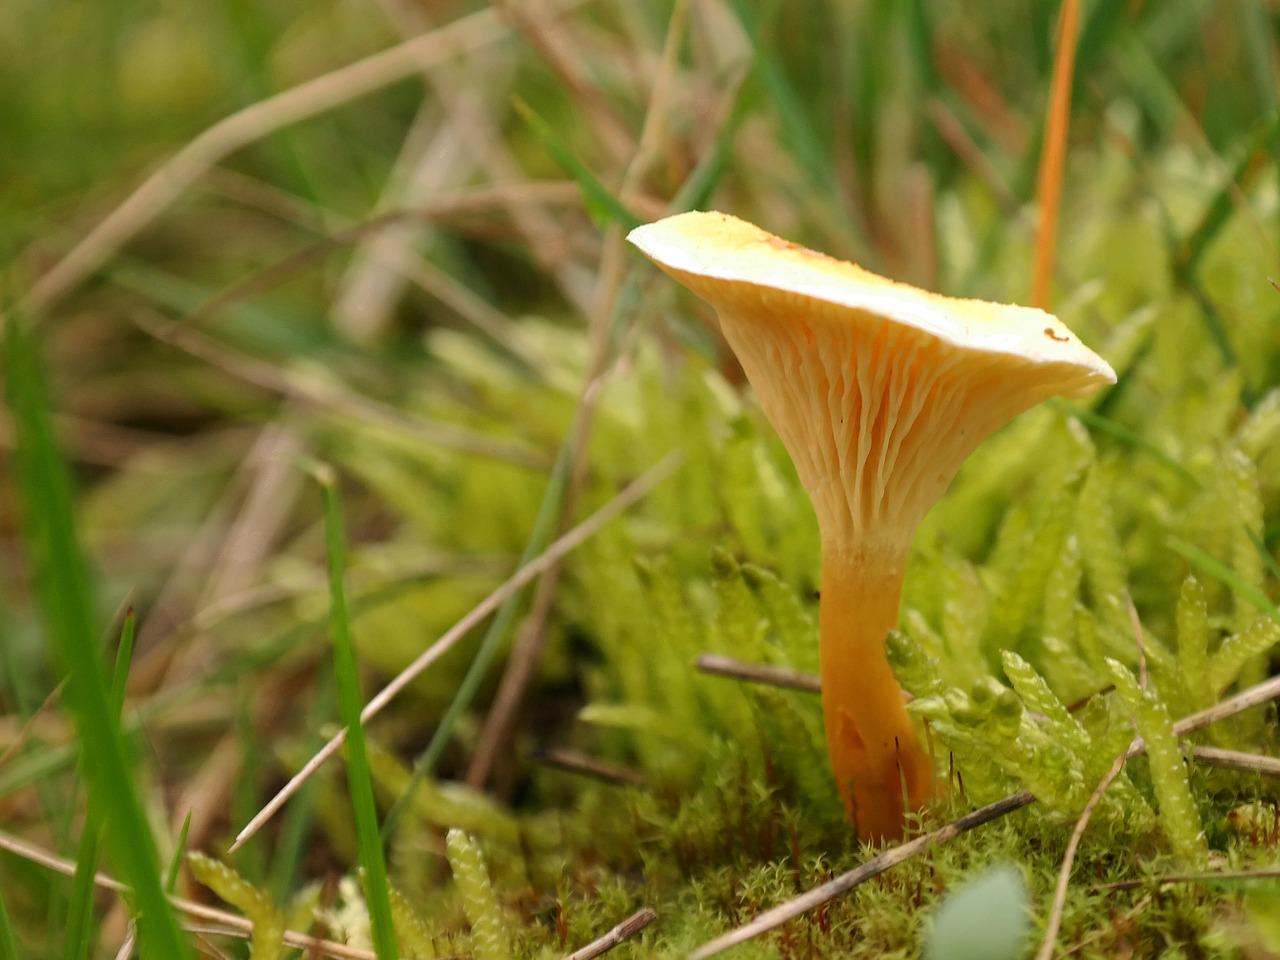 Pilze sind ein guter Lieferant für essentielle Aminosäuren.